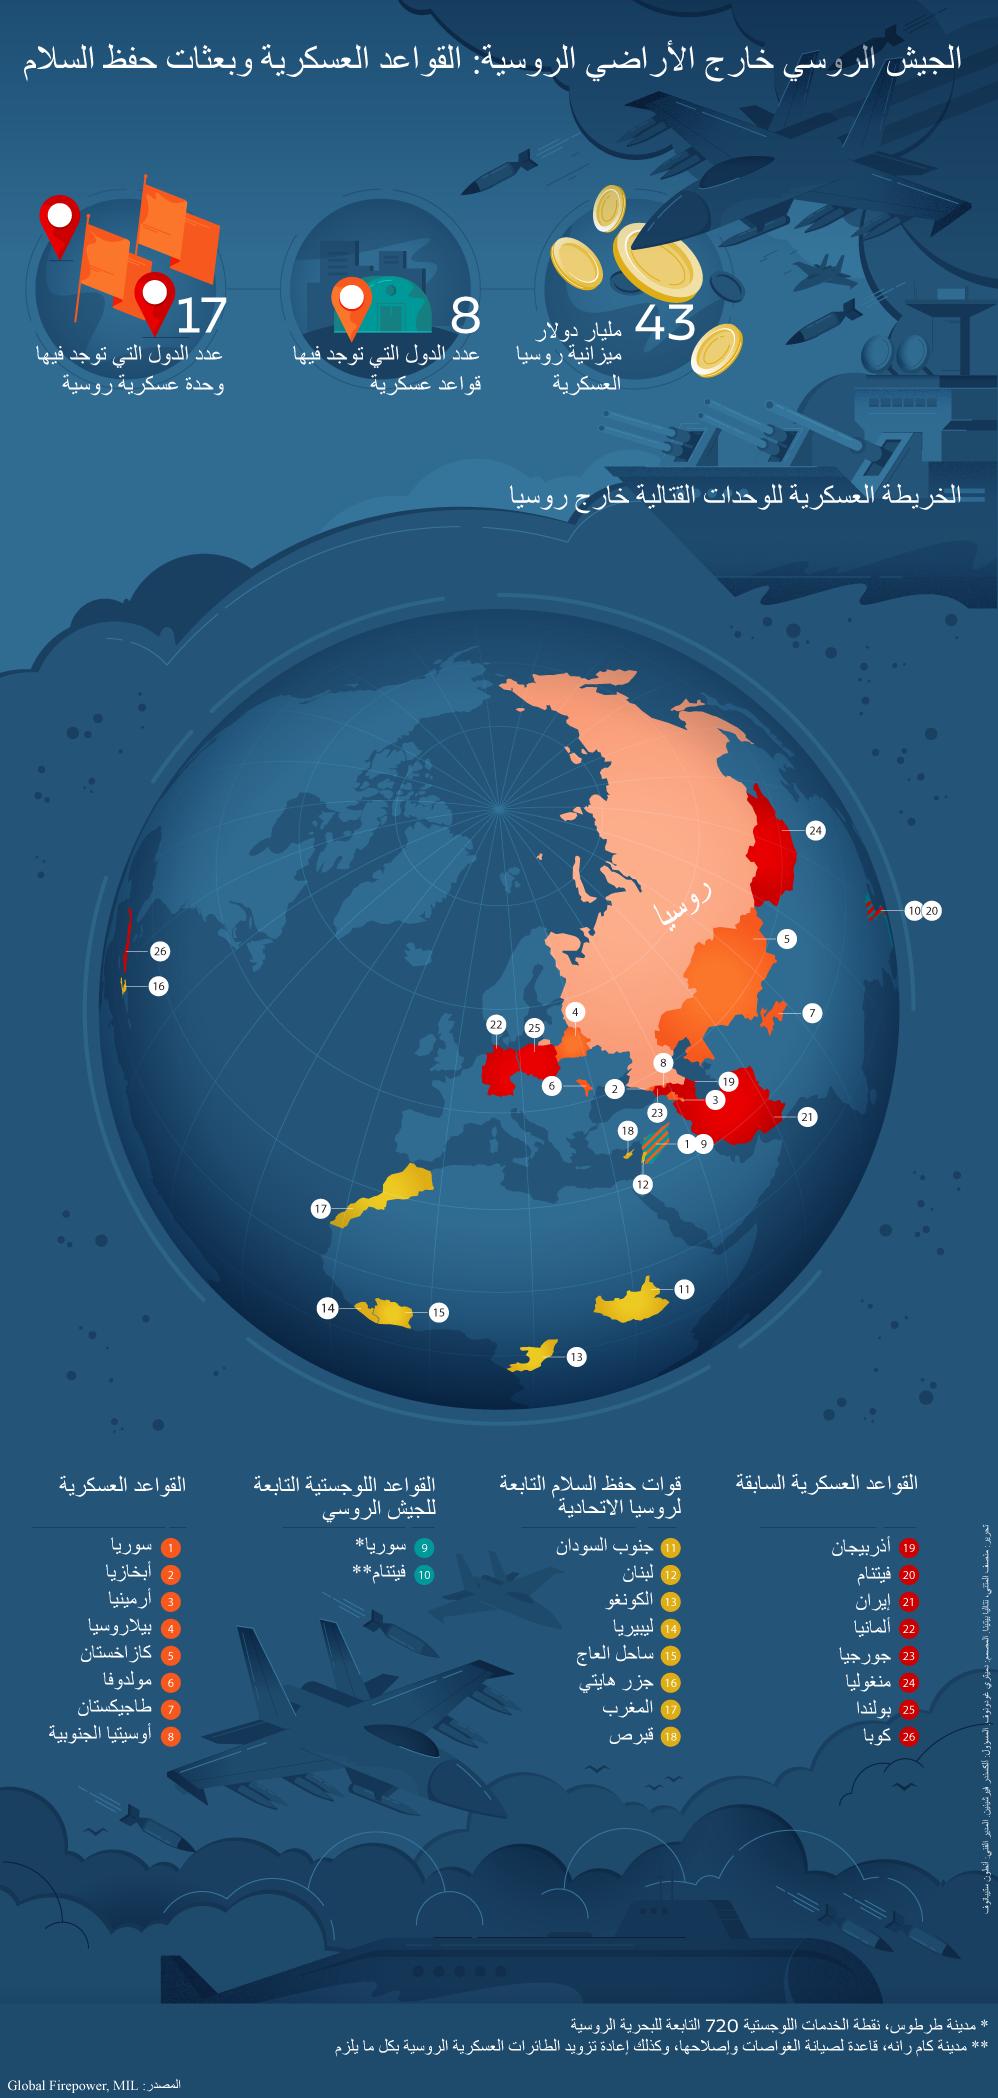 إنفوجرافيك - الجيش الروسي خارج الأراضي الروسية: القواعد العسكرية وبعثات حفظ السلام